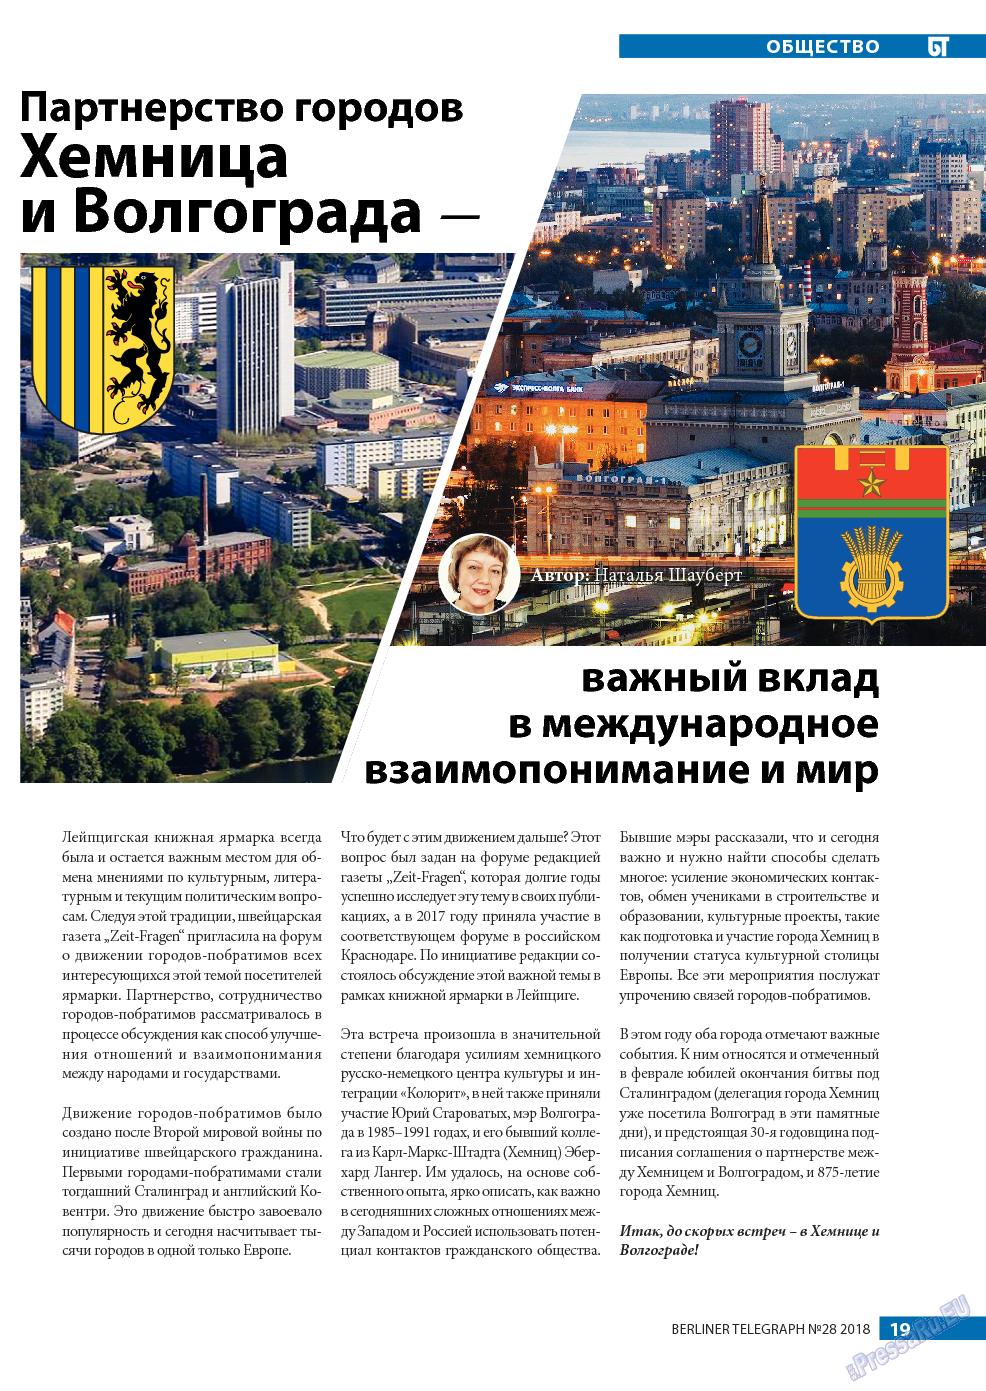 Берлинский телеграф (журнал). 2018 год, номер 28, стр. 19